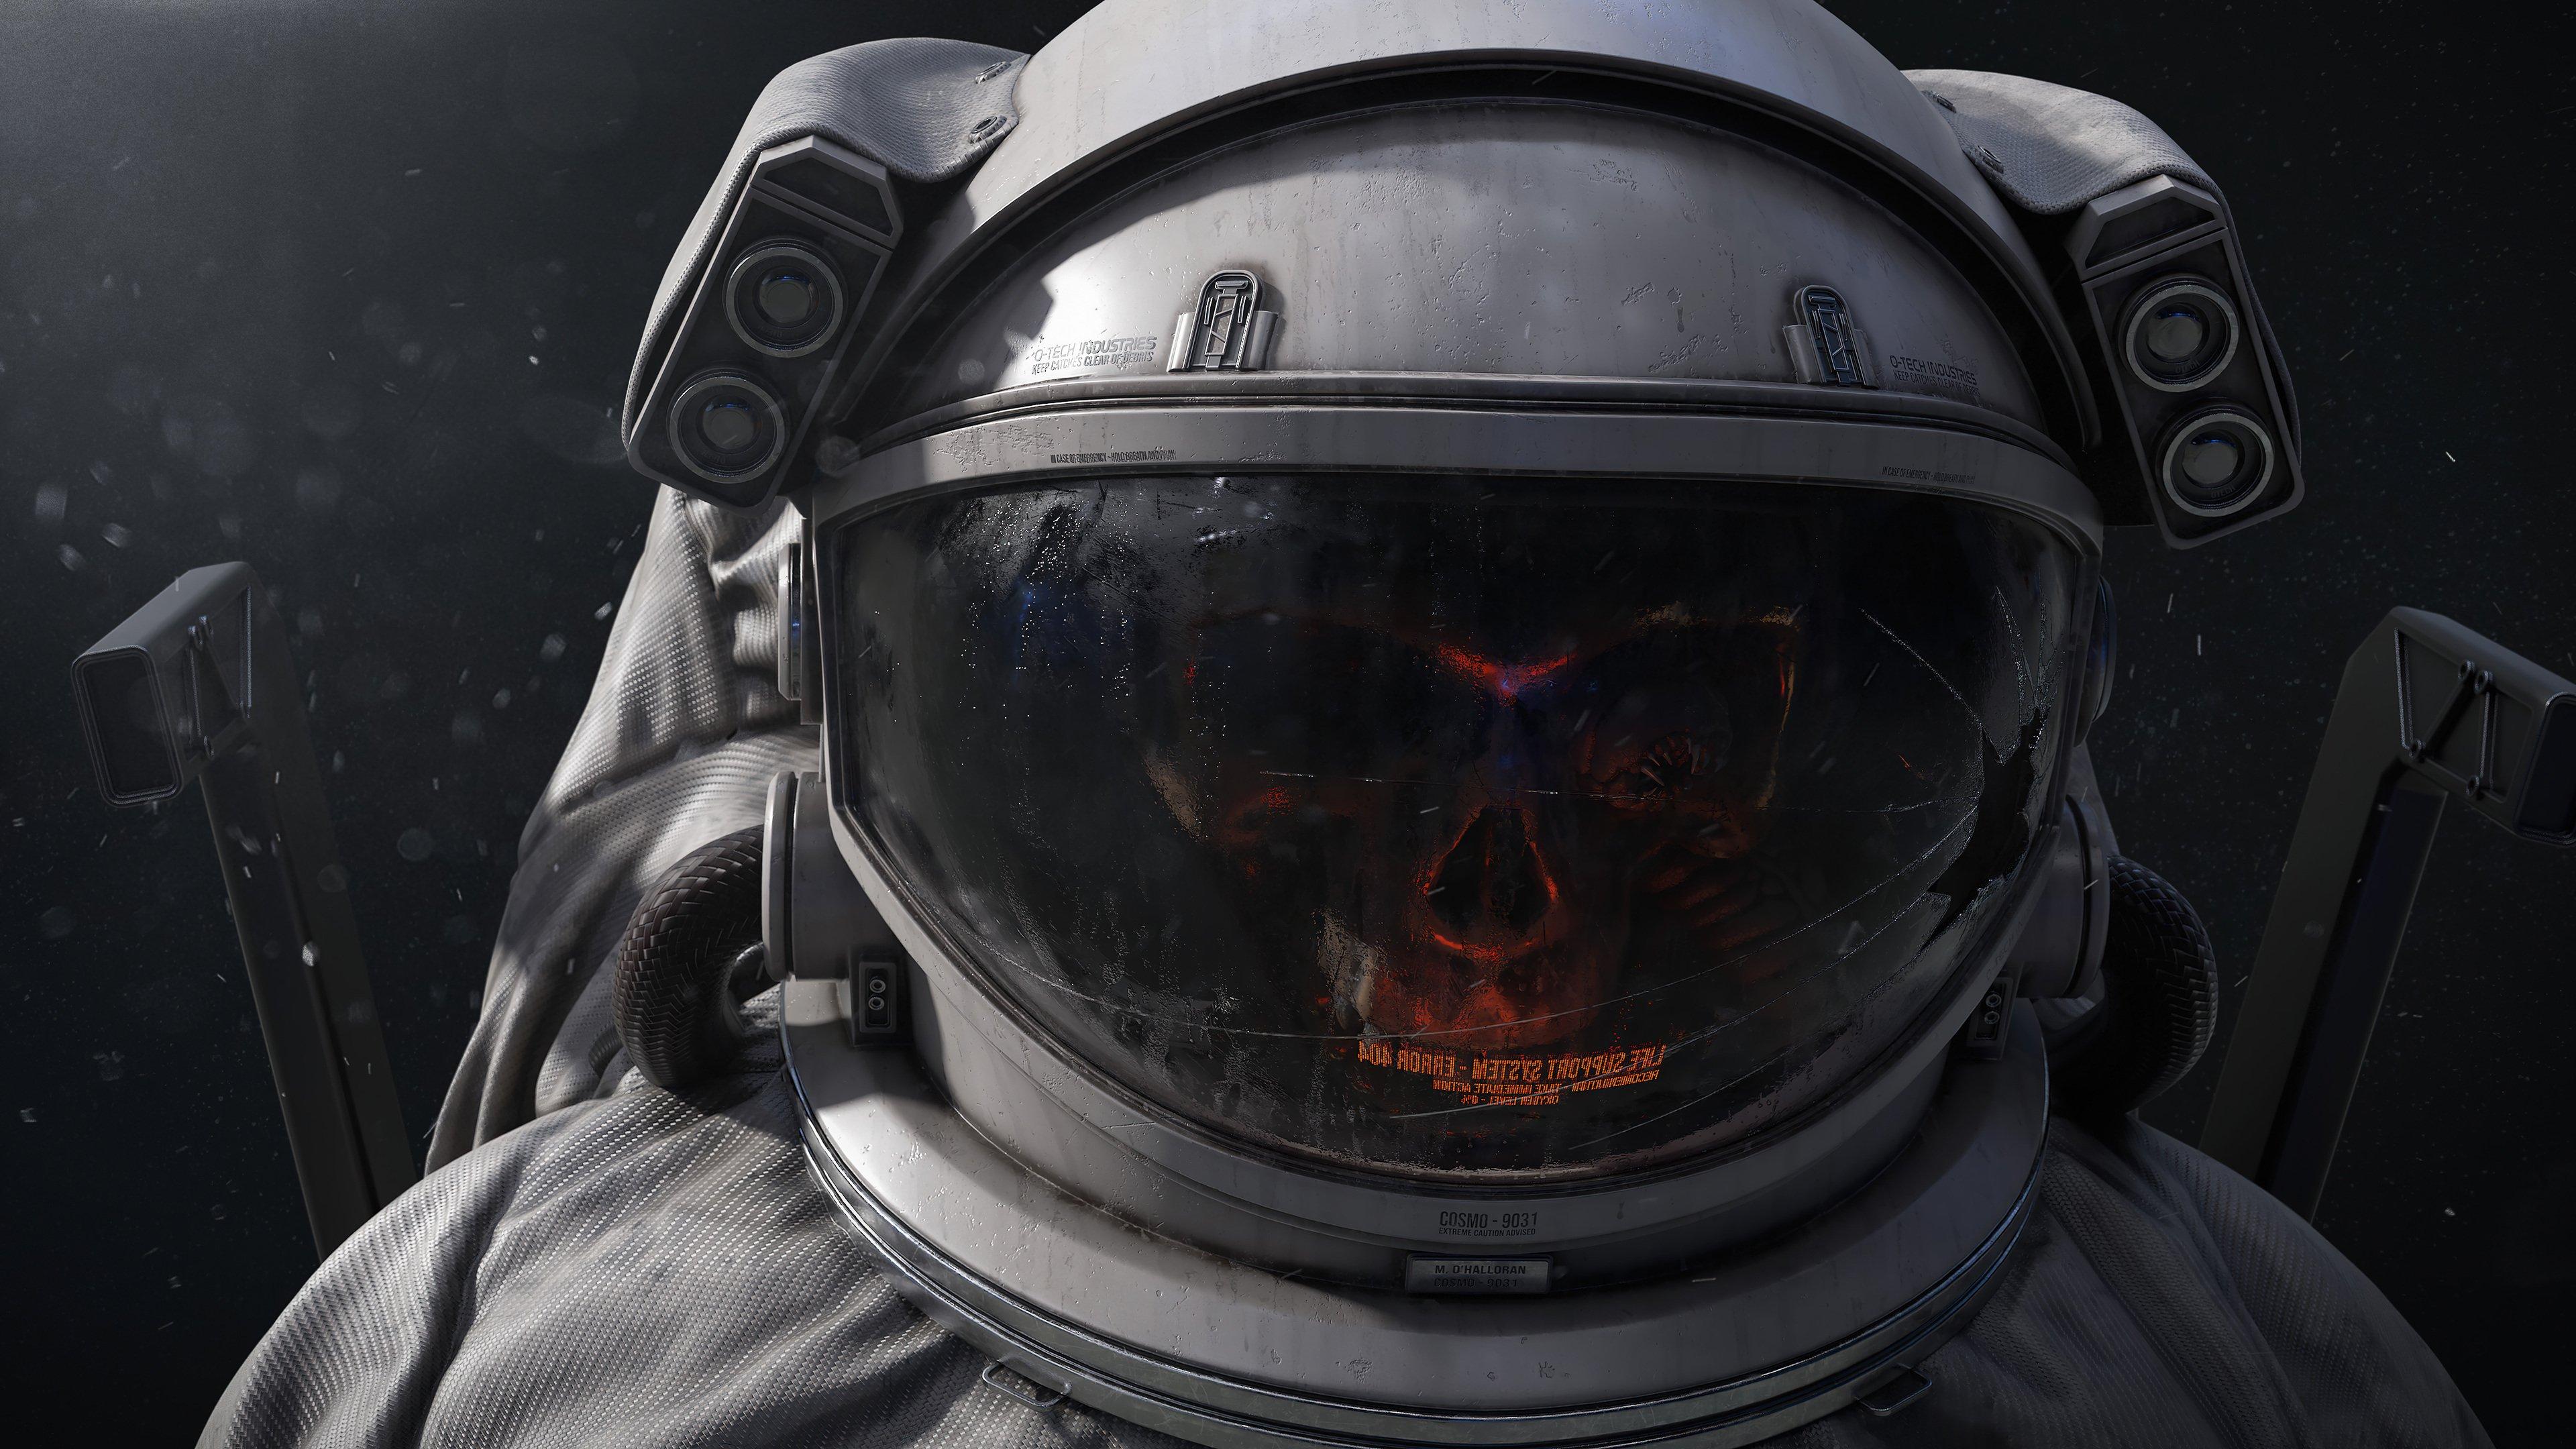 Fondos de pantalla Cráneo en traje de astronauta